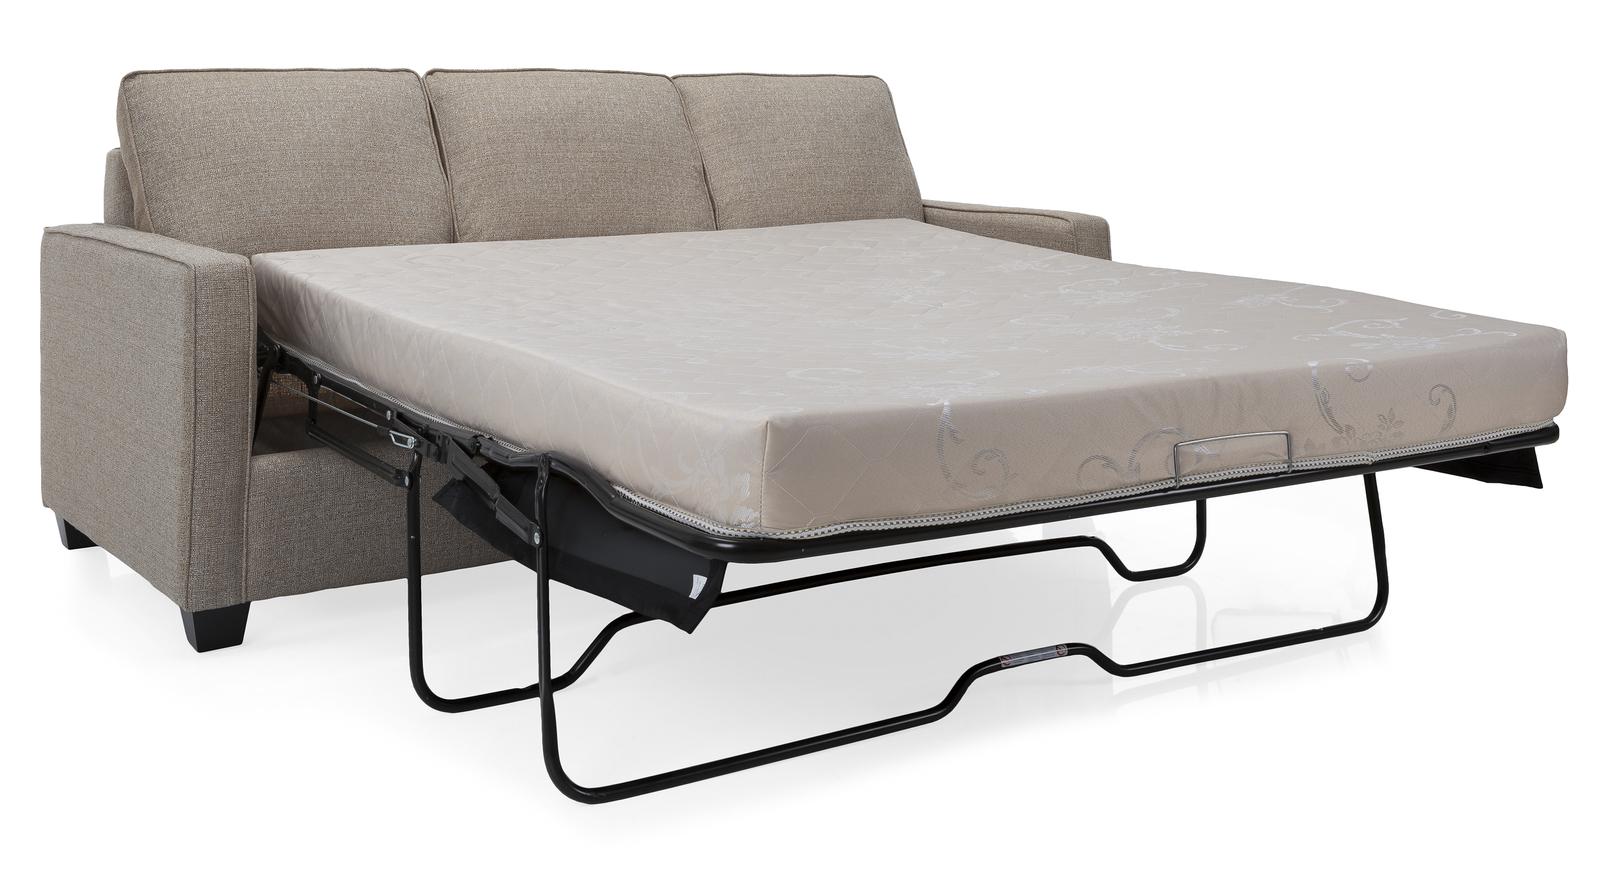 2855 Queen Sofa Bed Sleeper